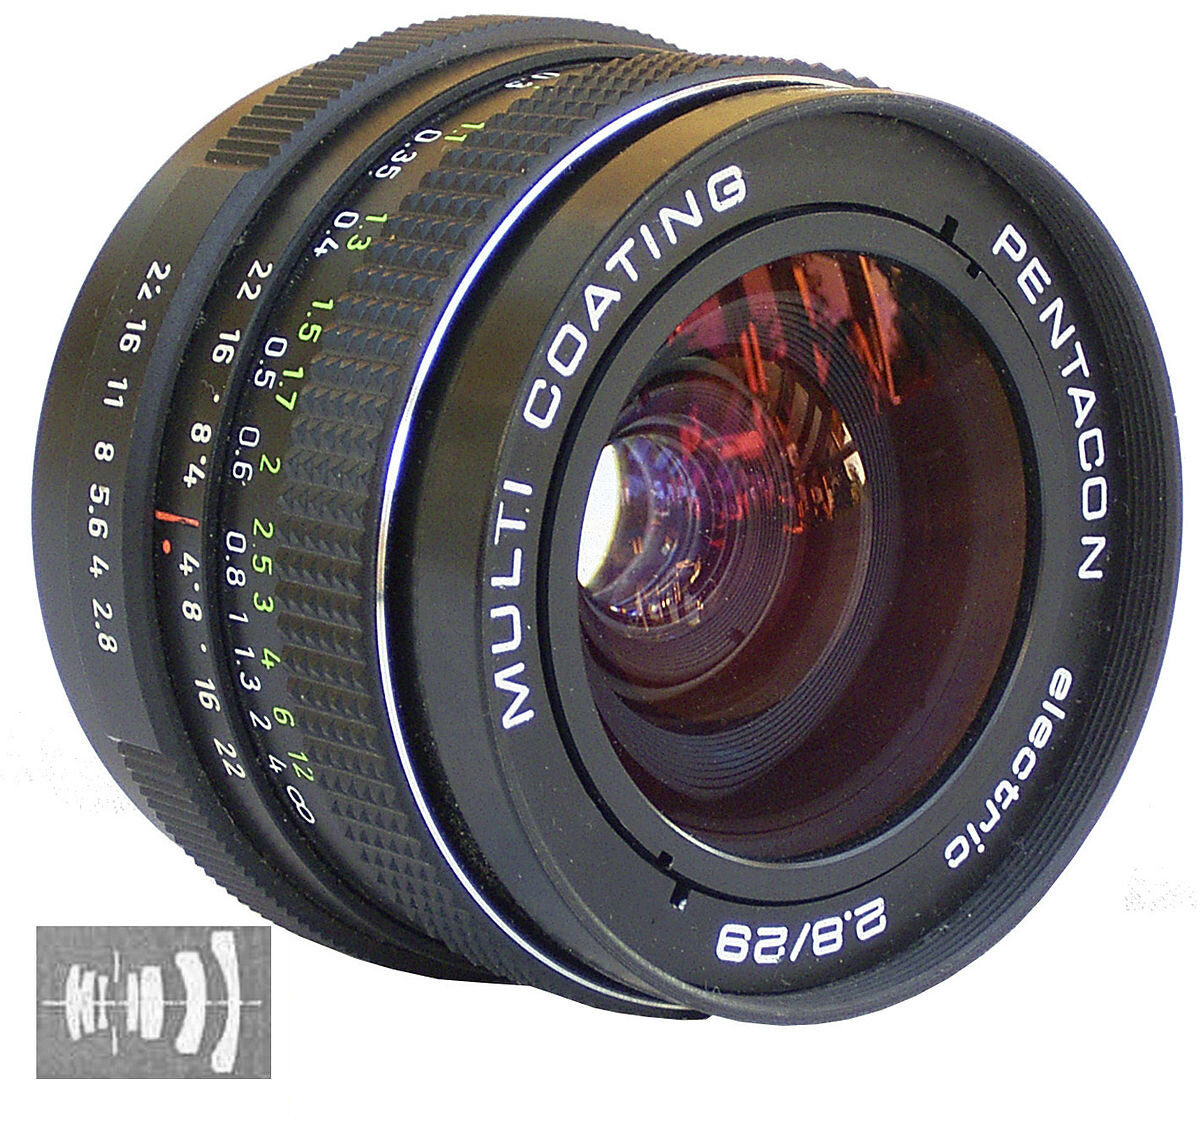 Lens Prime trên thị trường